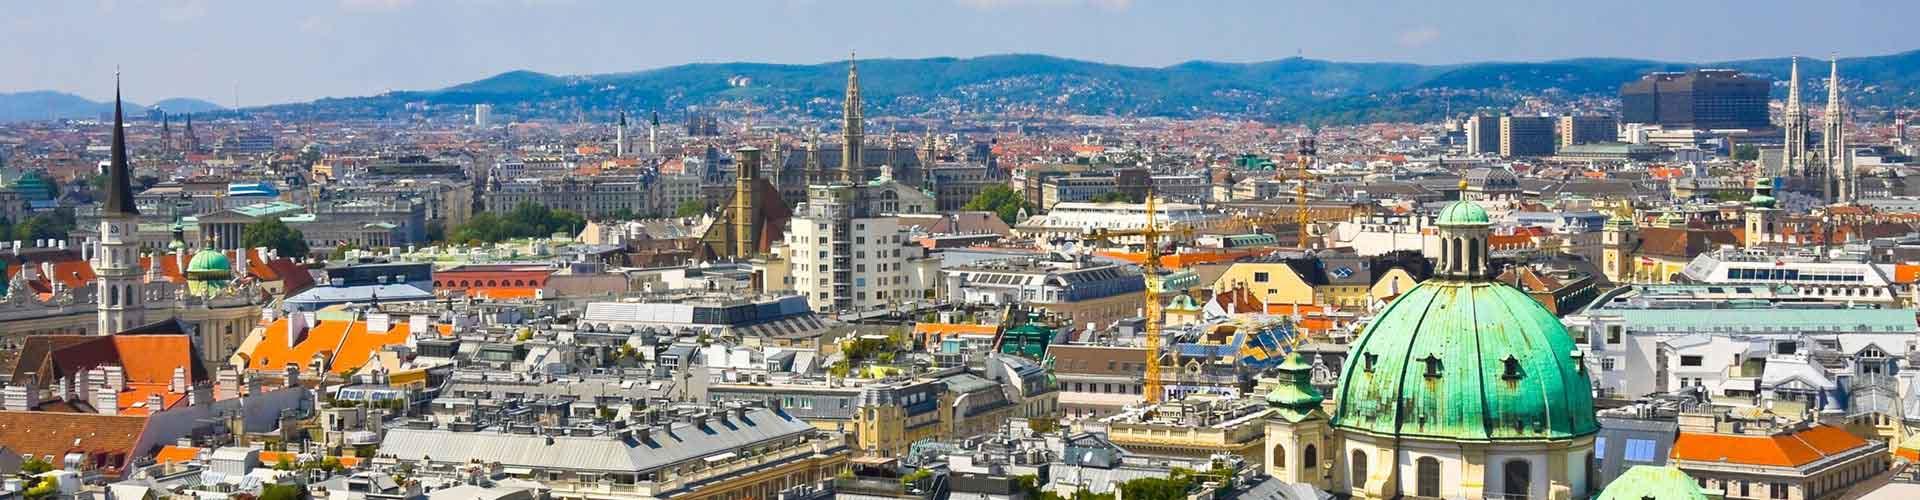 Viena - Hotéis no Rossau bairro. Mapas para Viena, Fotos e Avaliações para cada Albergue em Viena.